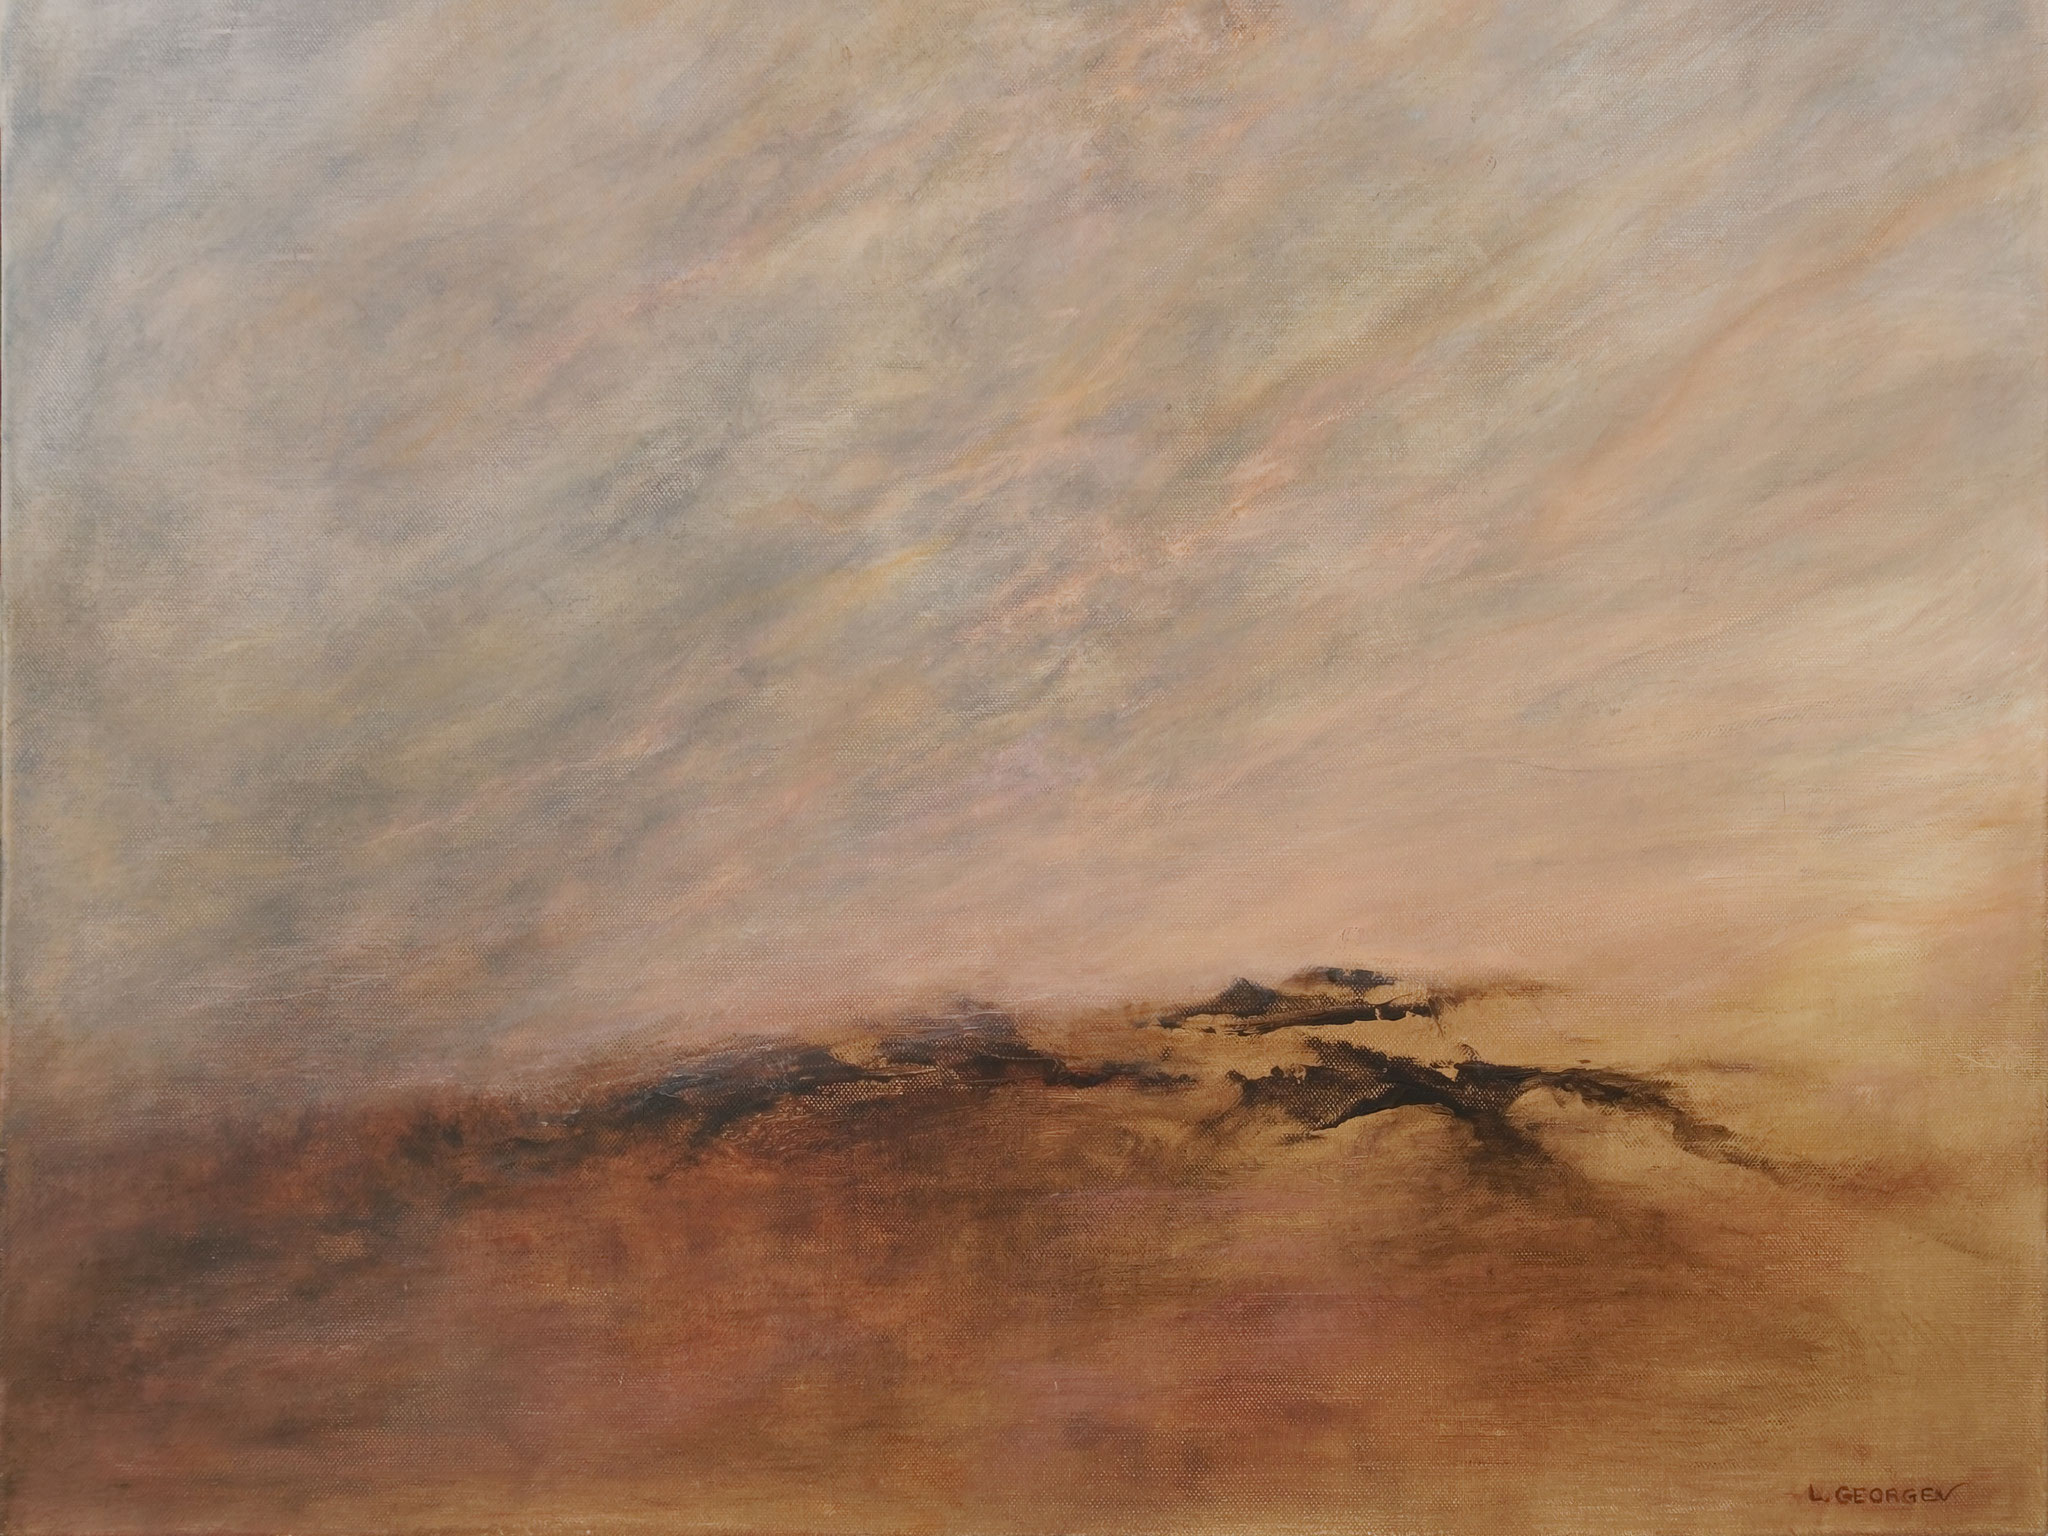 VASTITUDE, acrylique sur toile, 60x73 cm